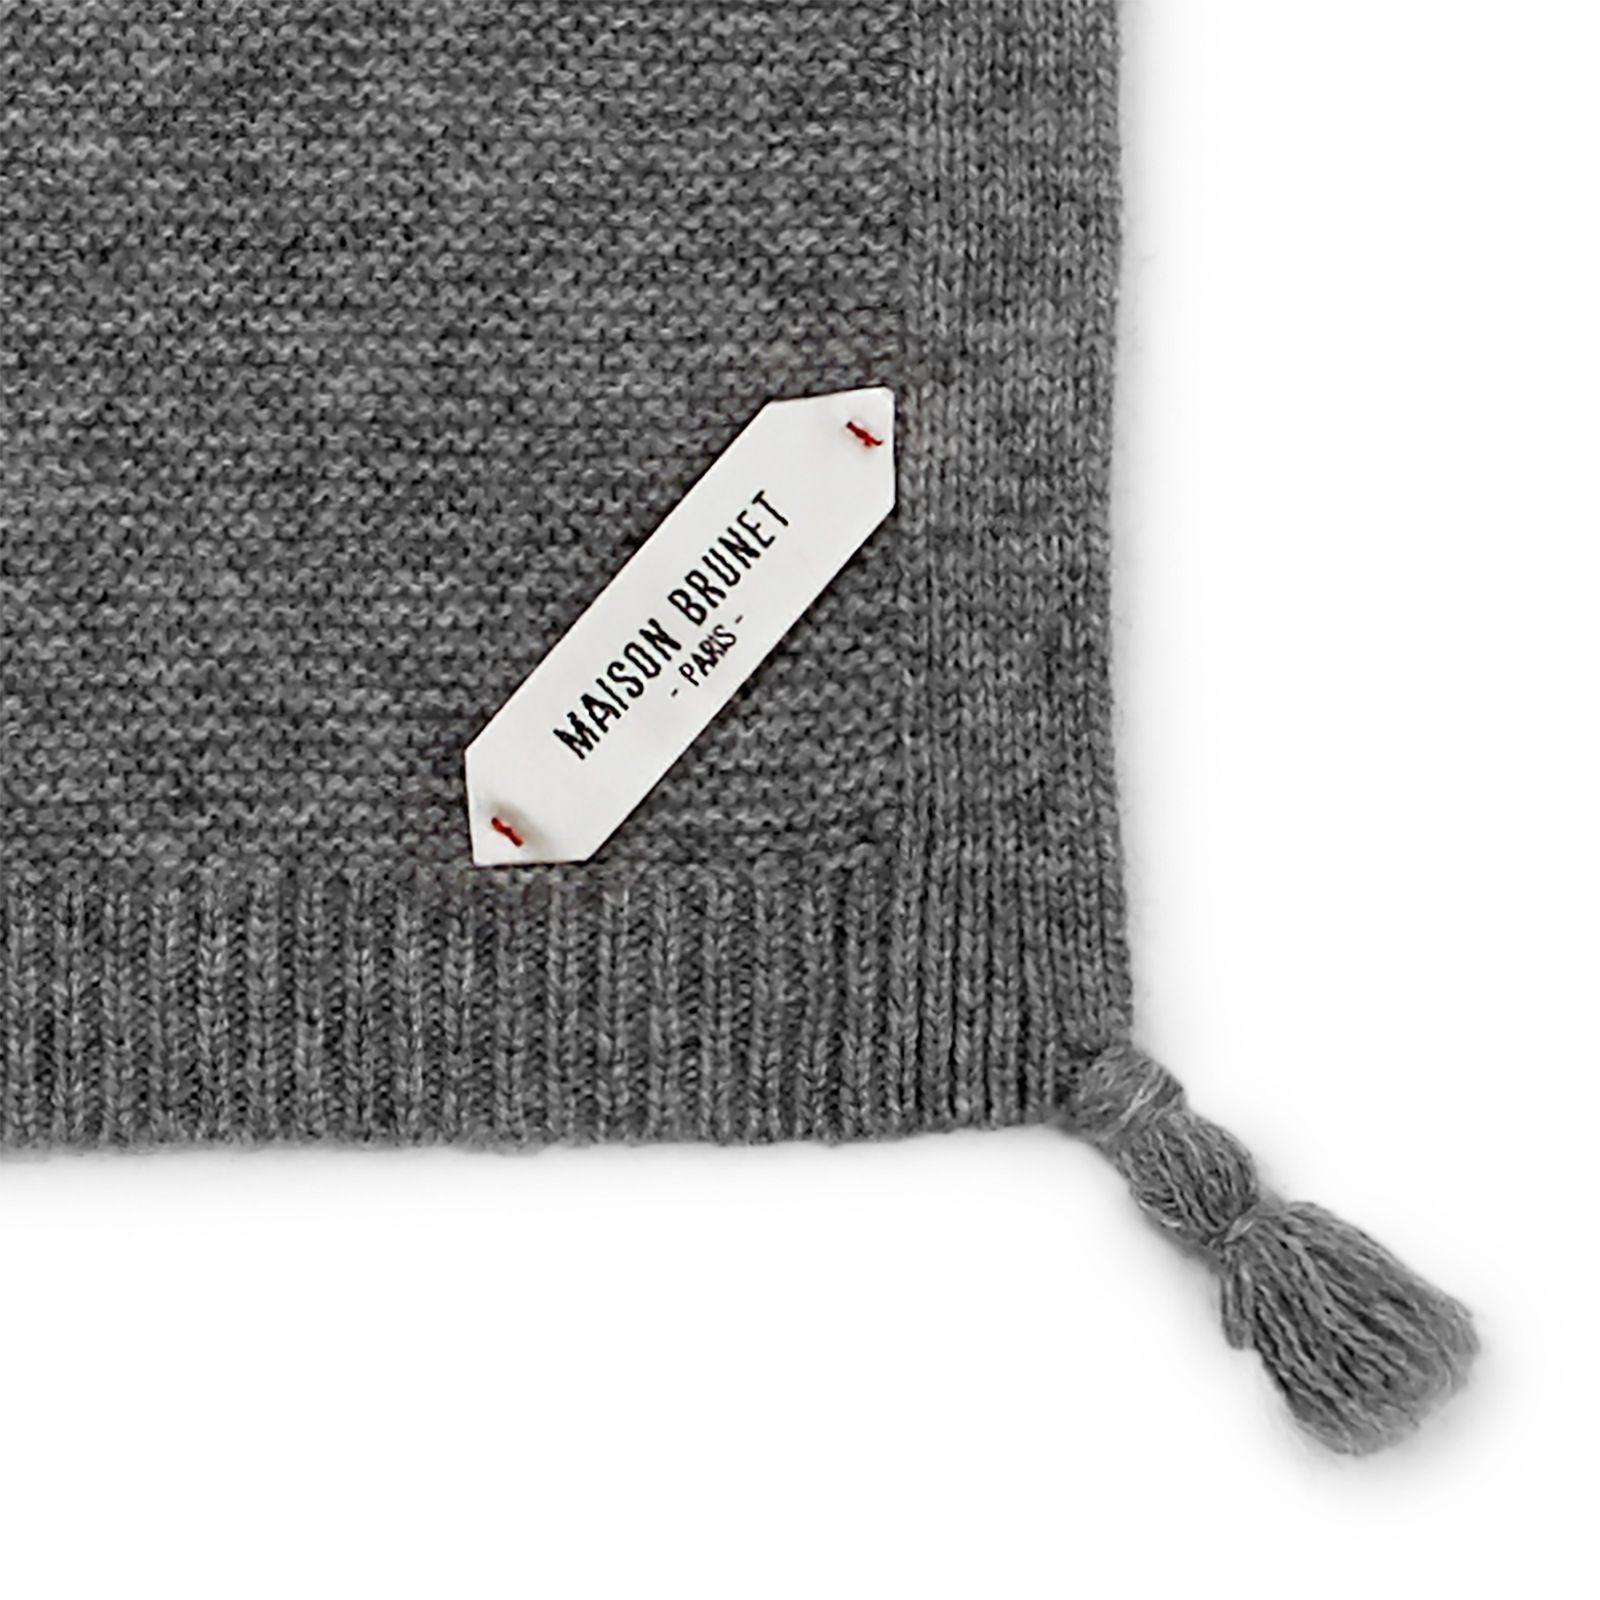 couverture bébé cachemire Couverture bébé cachemire Oscar gris chiné | Pinterest | Detail couverture bébé cachemire